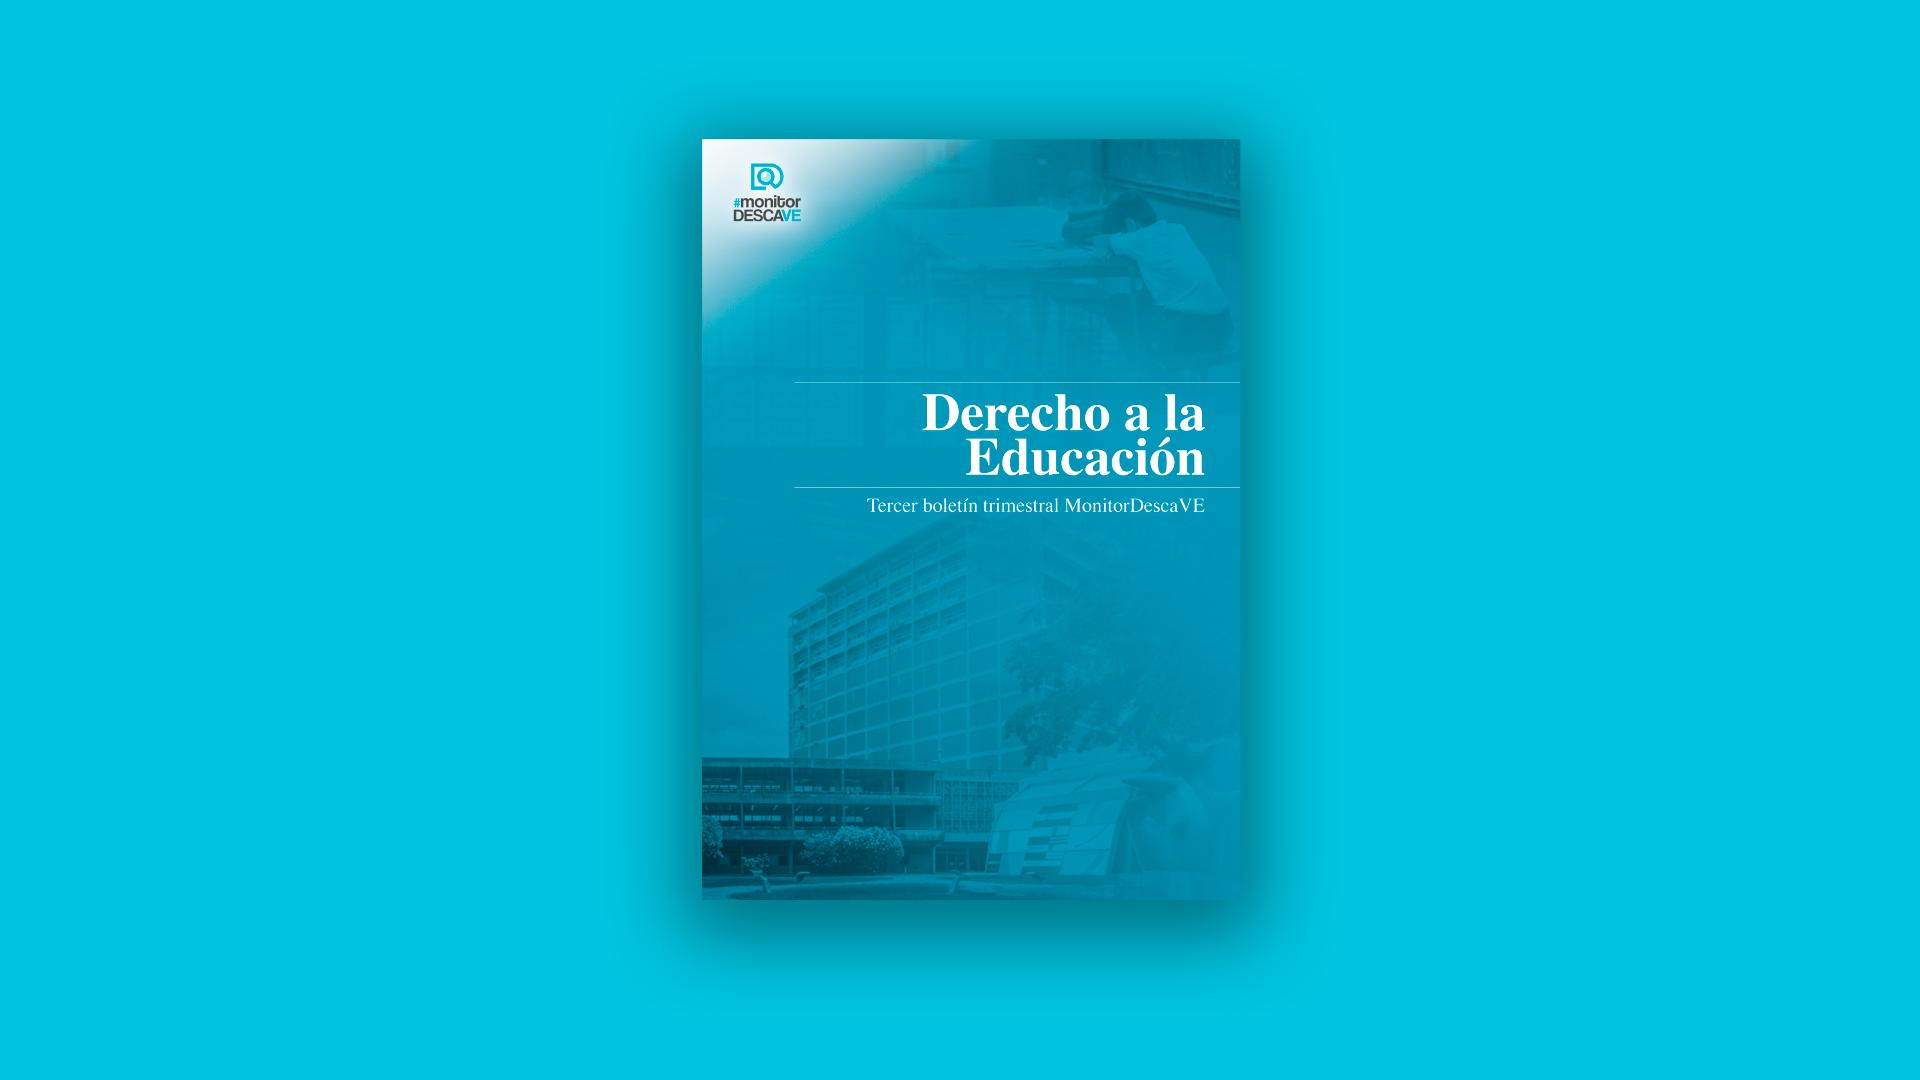 Tercer Boletín Trimestral: Derecho a la educación